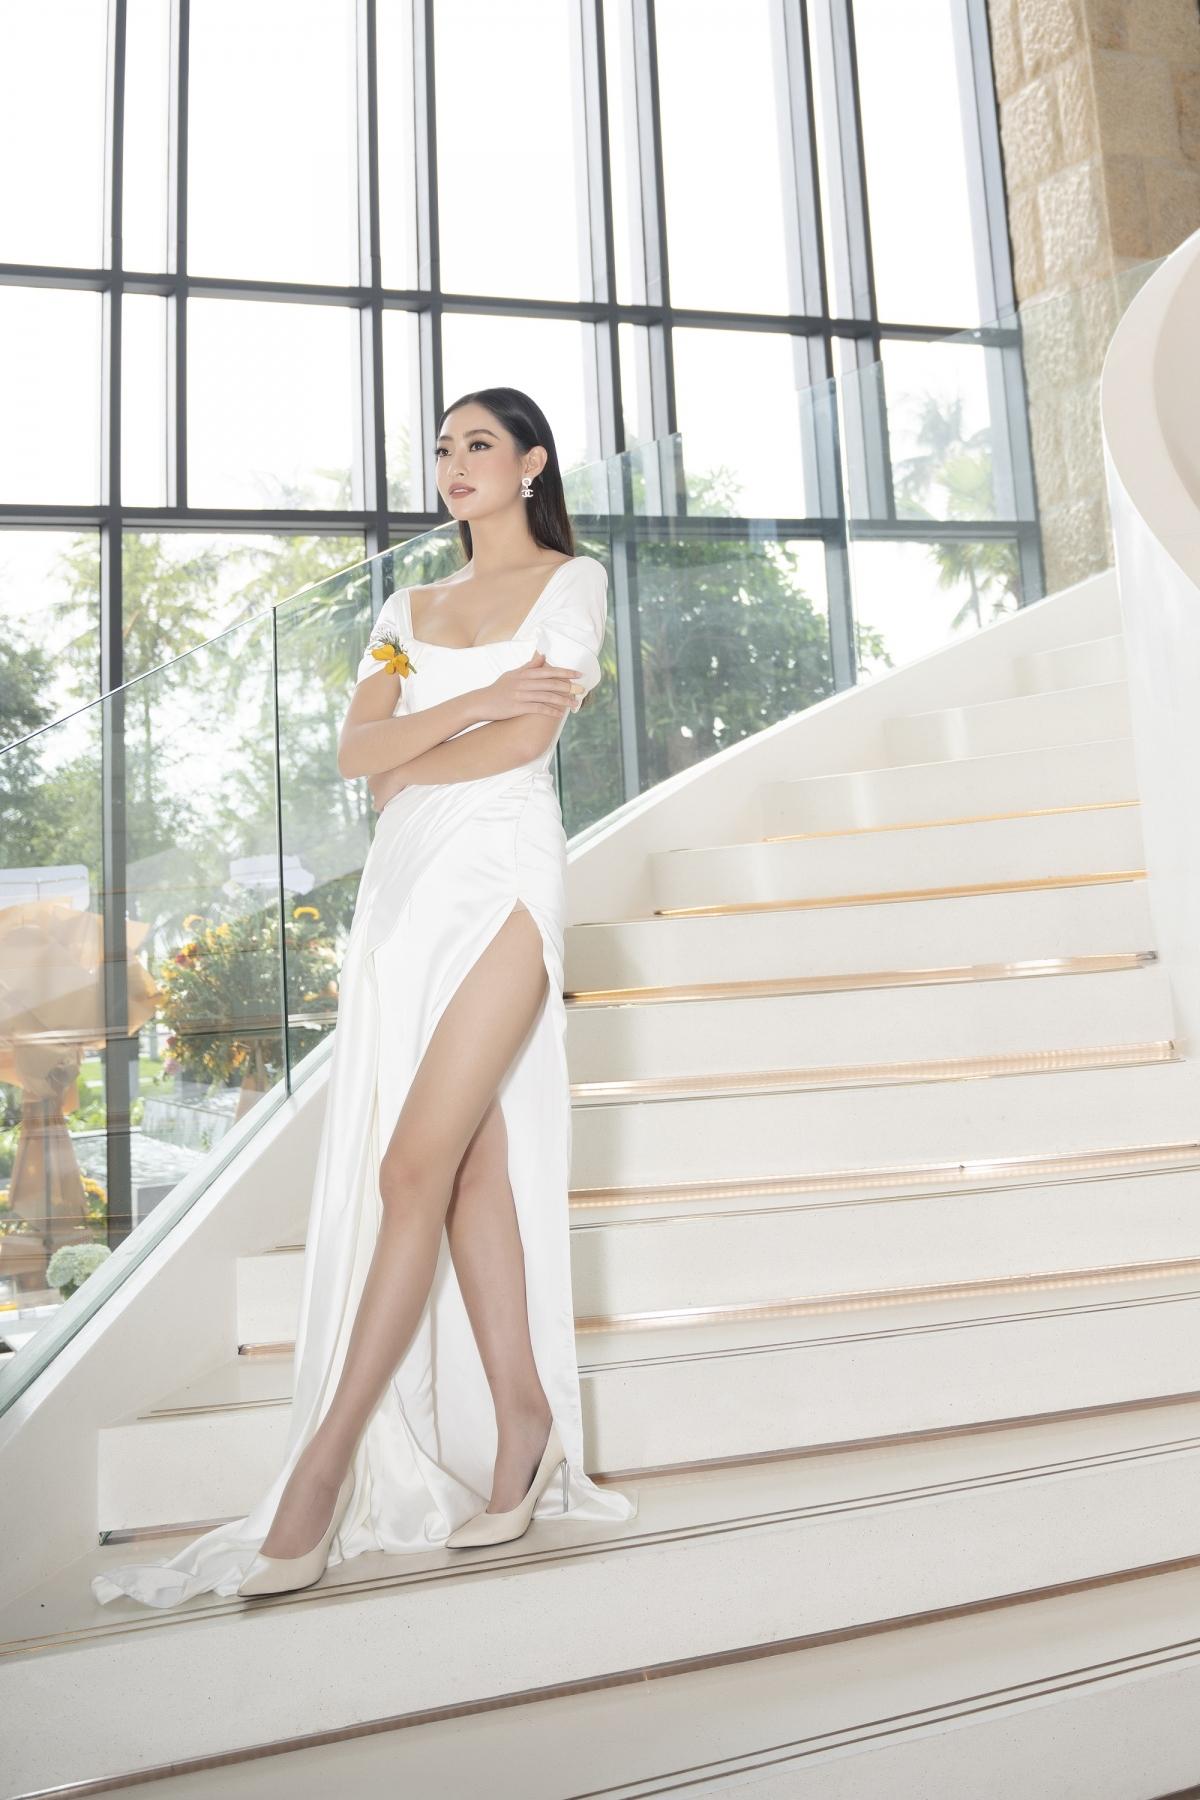 """Xứng danh """"con nhà người ta"""", Hoa hậu Lương Thuỳ Linh khiến công chúng không khỏi ngưỡng mộ bởi bảng thành tích đáng nể, đặc biệt là Ielts 7.5."""